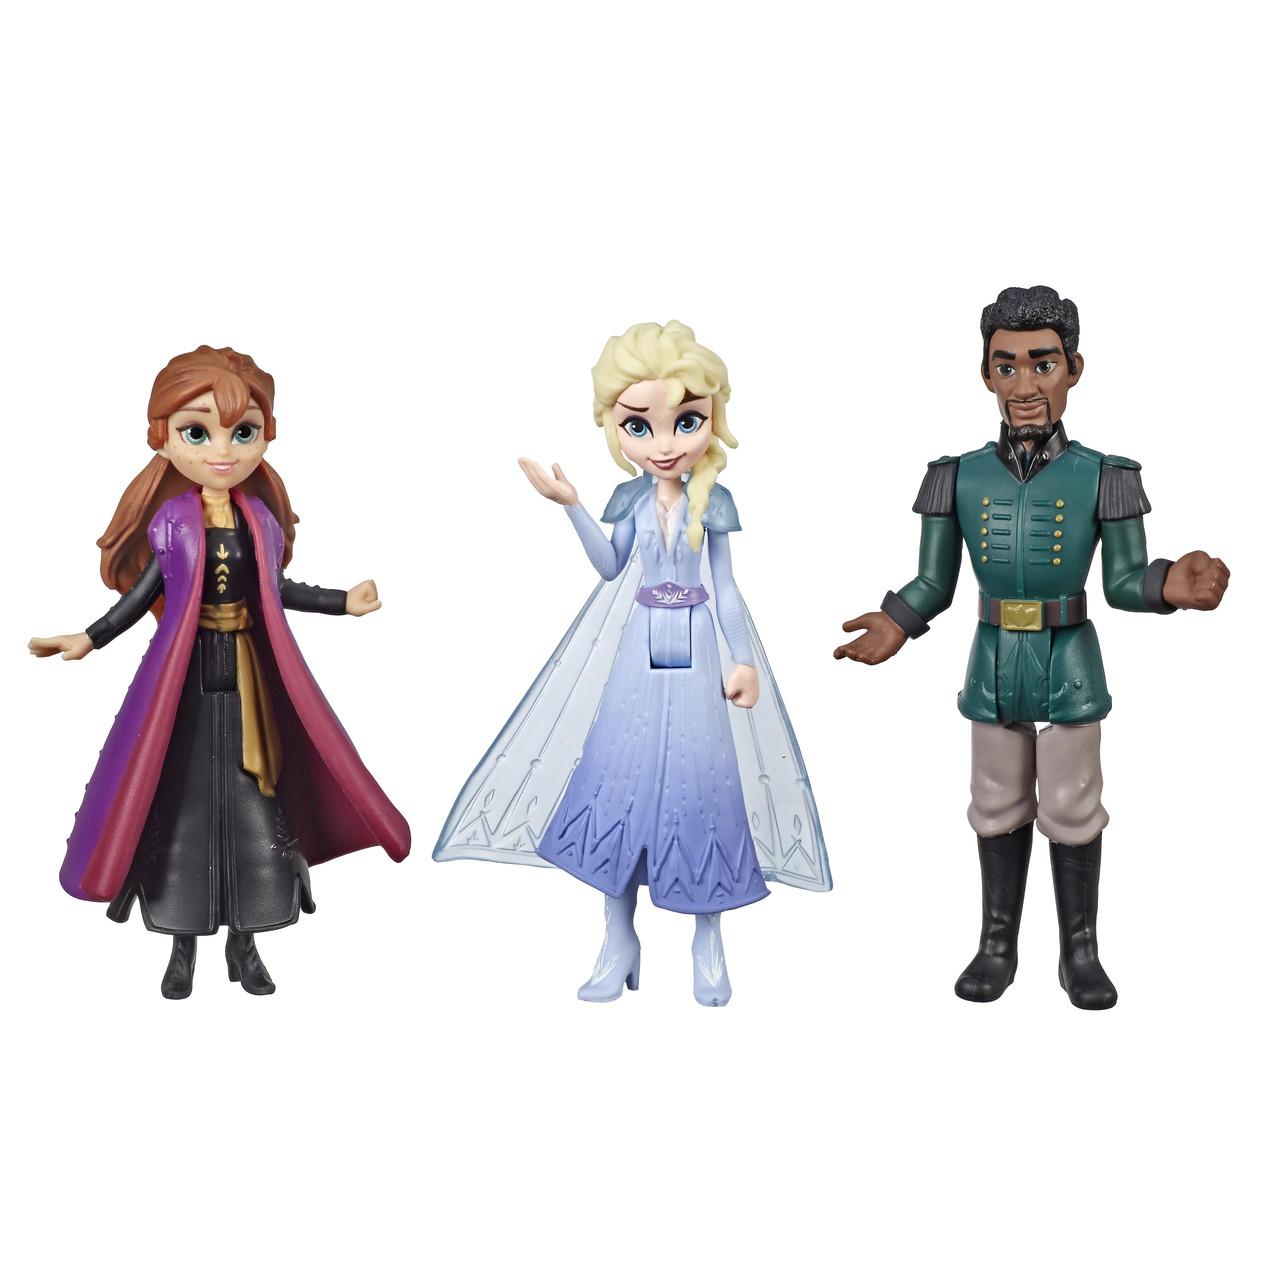 Hasbro Набор игровой Холодное сердце 2 Эльза, Анна и Маттиас FROZEN